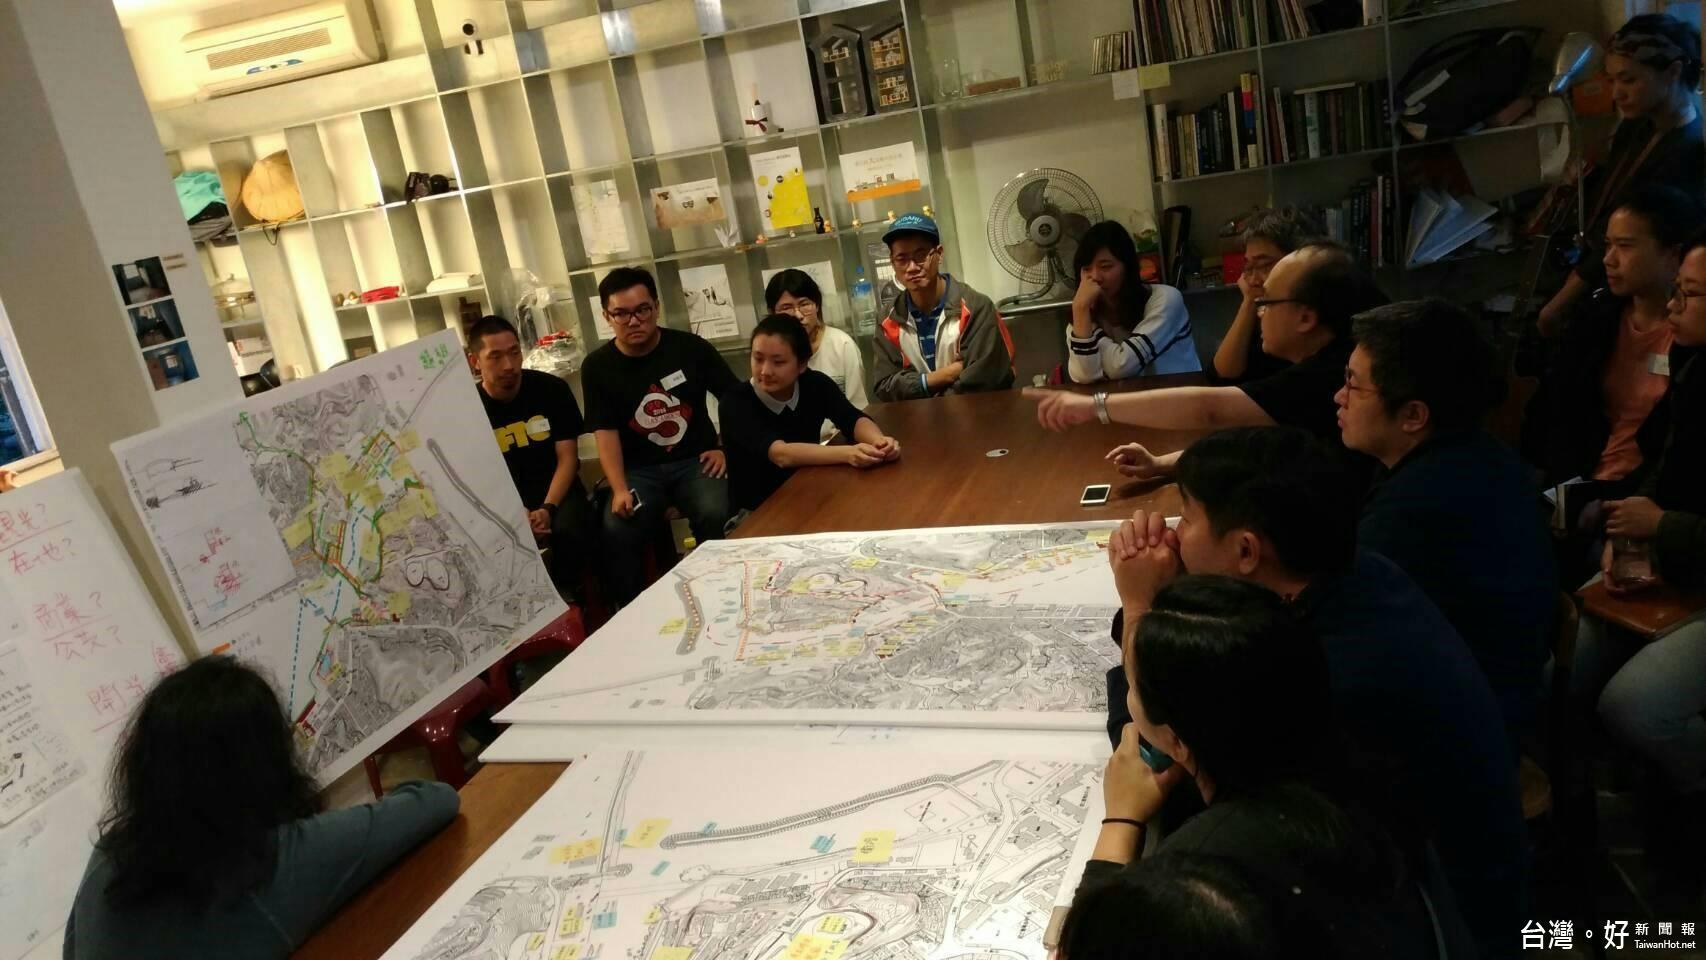 連結看不見的基隆 參與式設計開啟海港山城新風貌